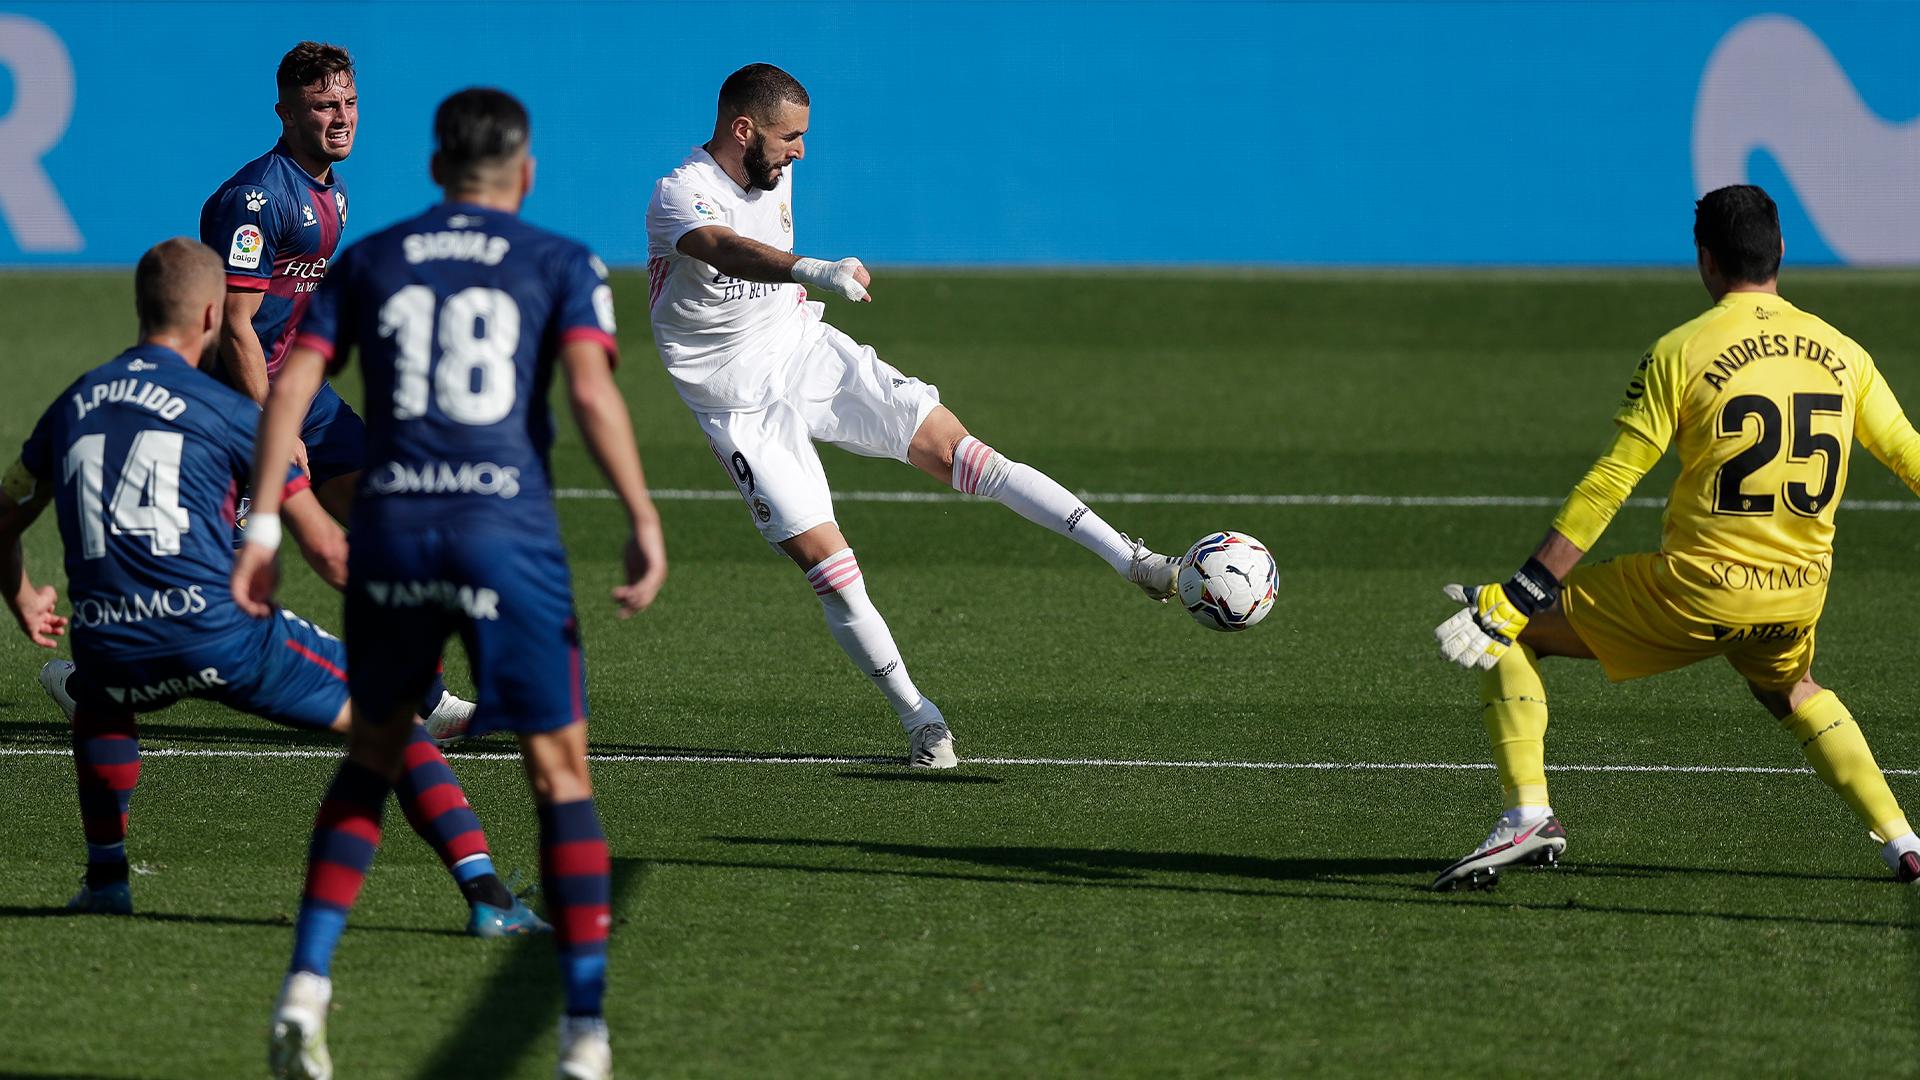 بنزيما وهازارد يقودان ريال مدريد للتفوق على هويسكا في الليغا